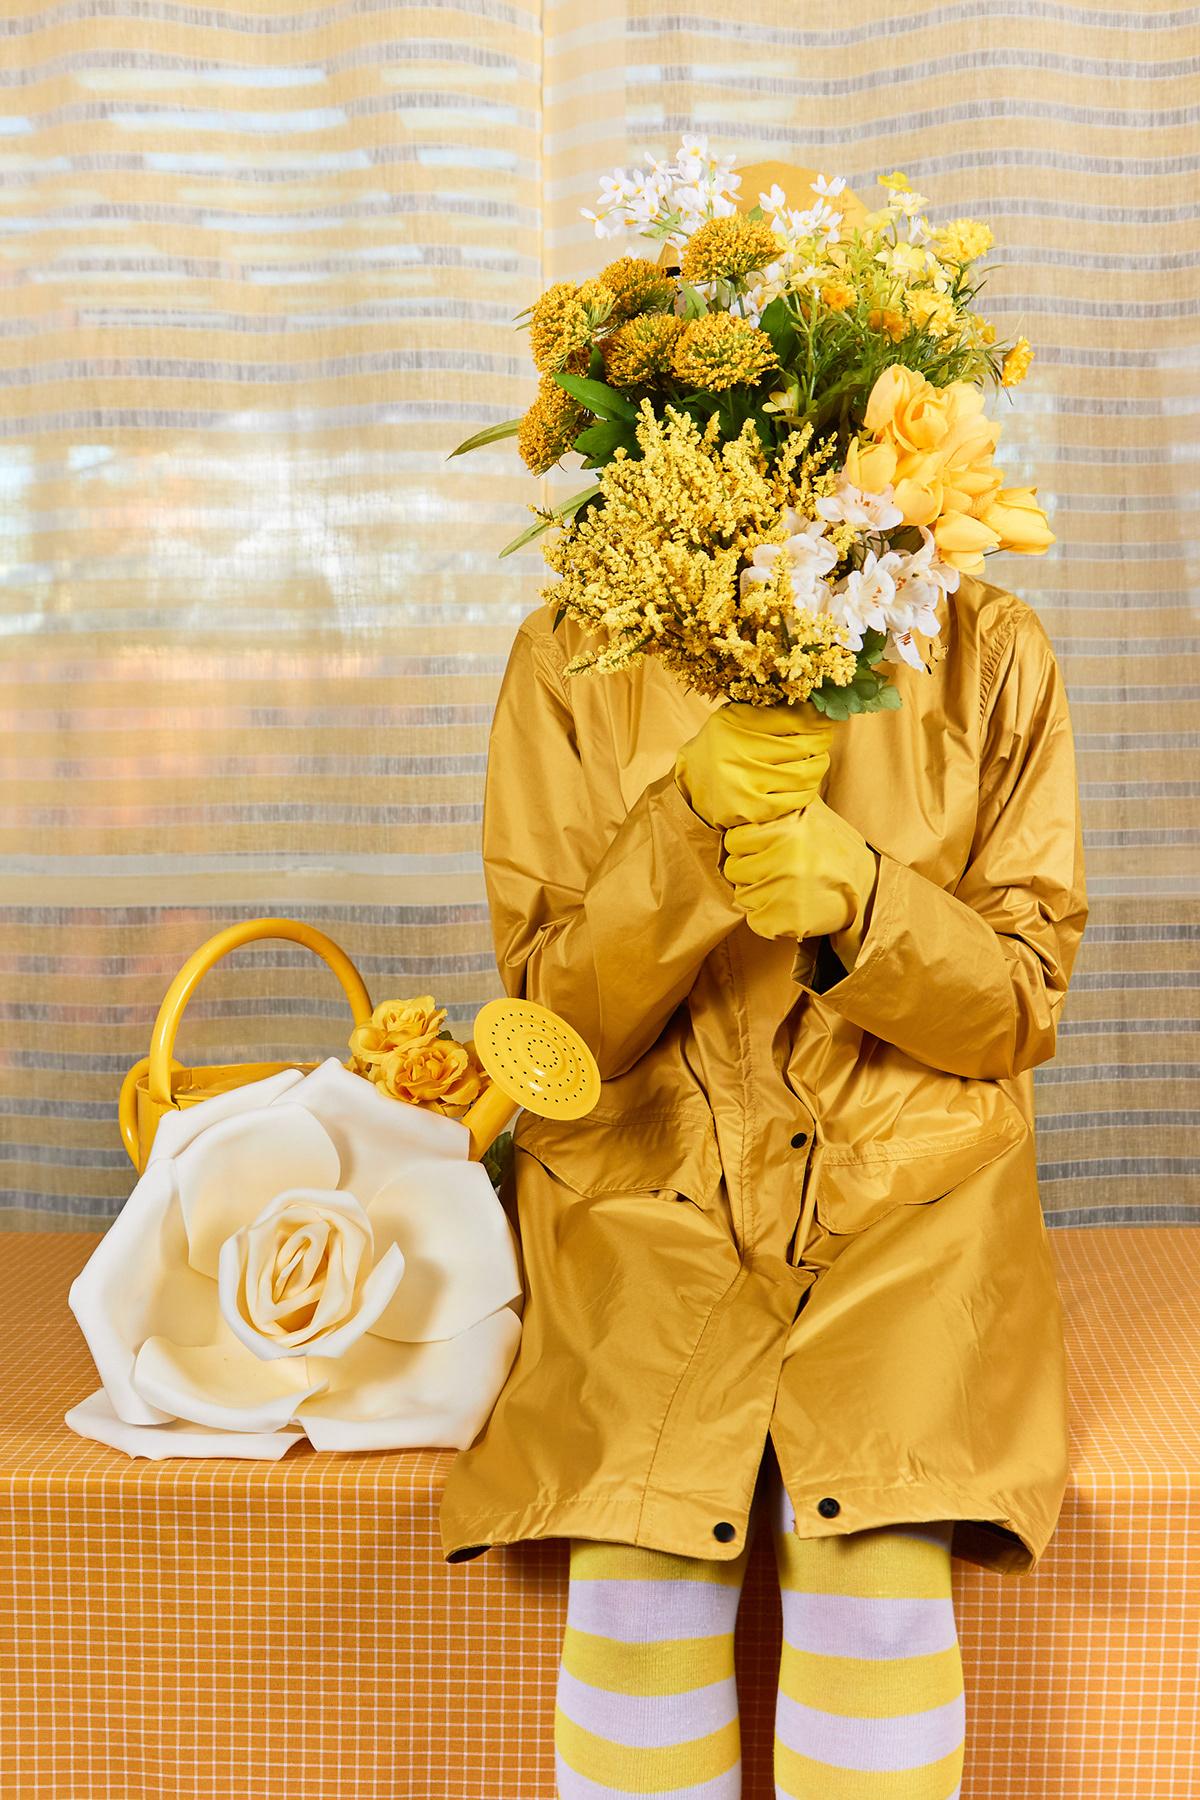 Exhibition  Photography  portfolio seniorshow   The.DPP ThesisShows2021 Adobe Portfolio